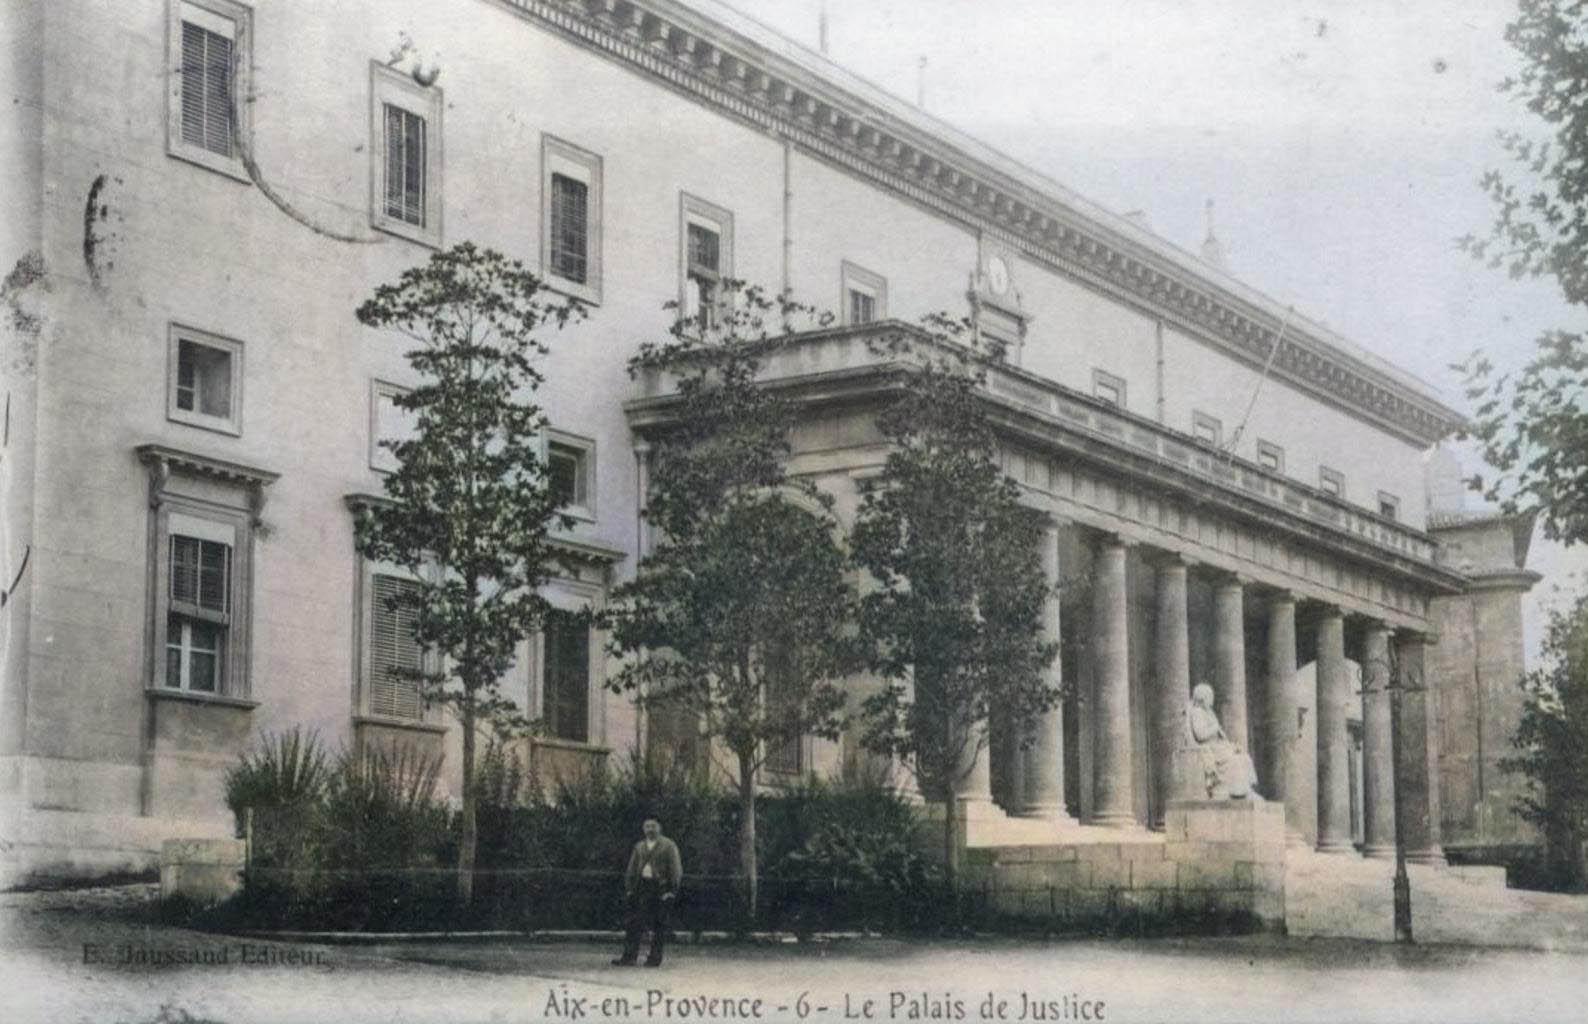 Le palais de justice d'Aix-en-Provence. DR.